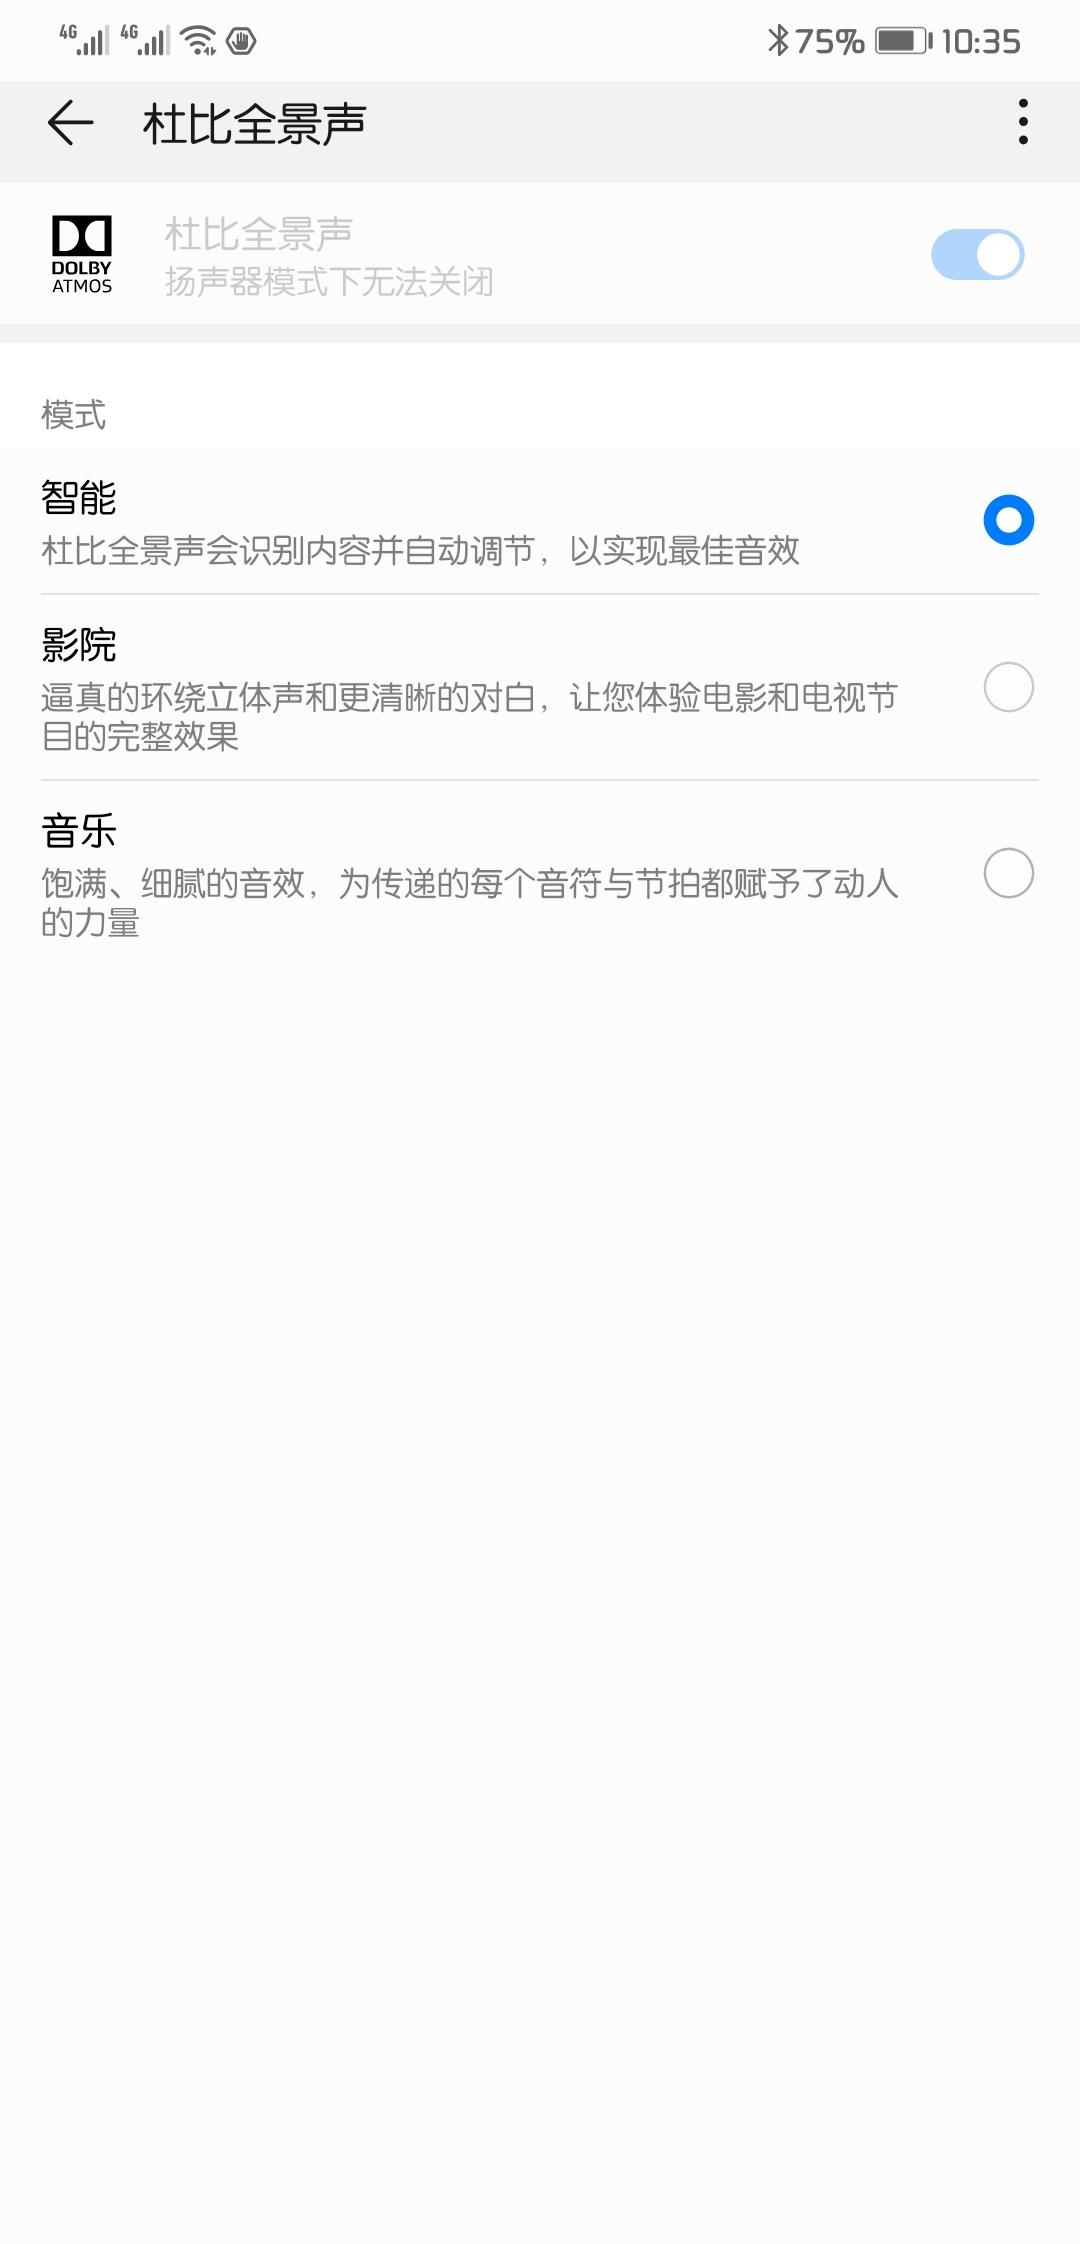 Screenshot_20190121_103526_com.huawei.imedia.dolb.jpg